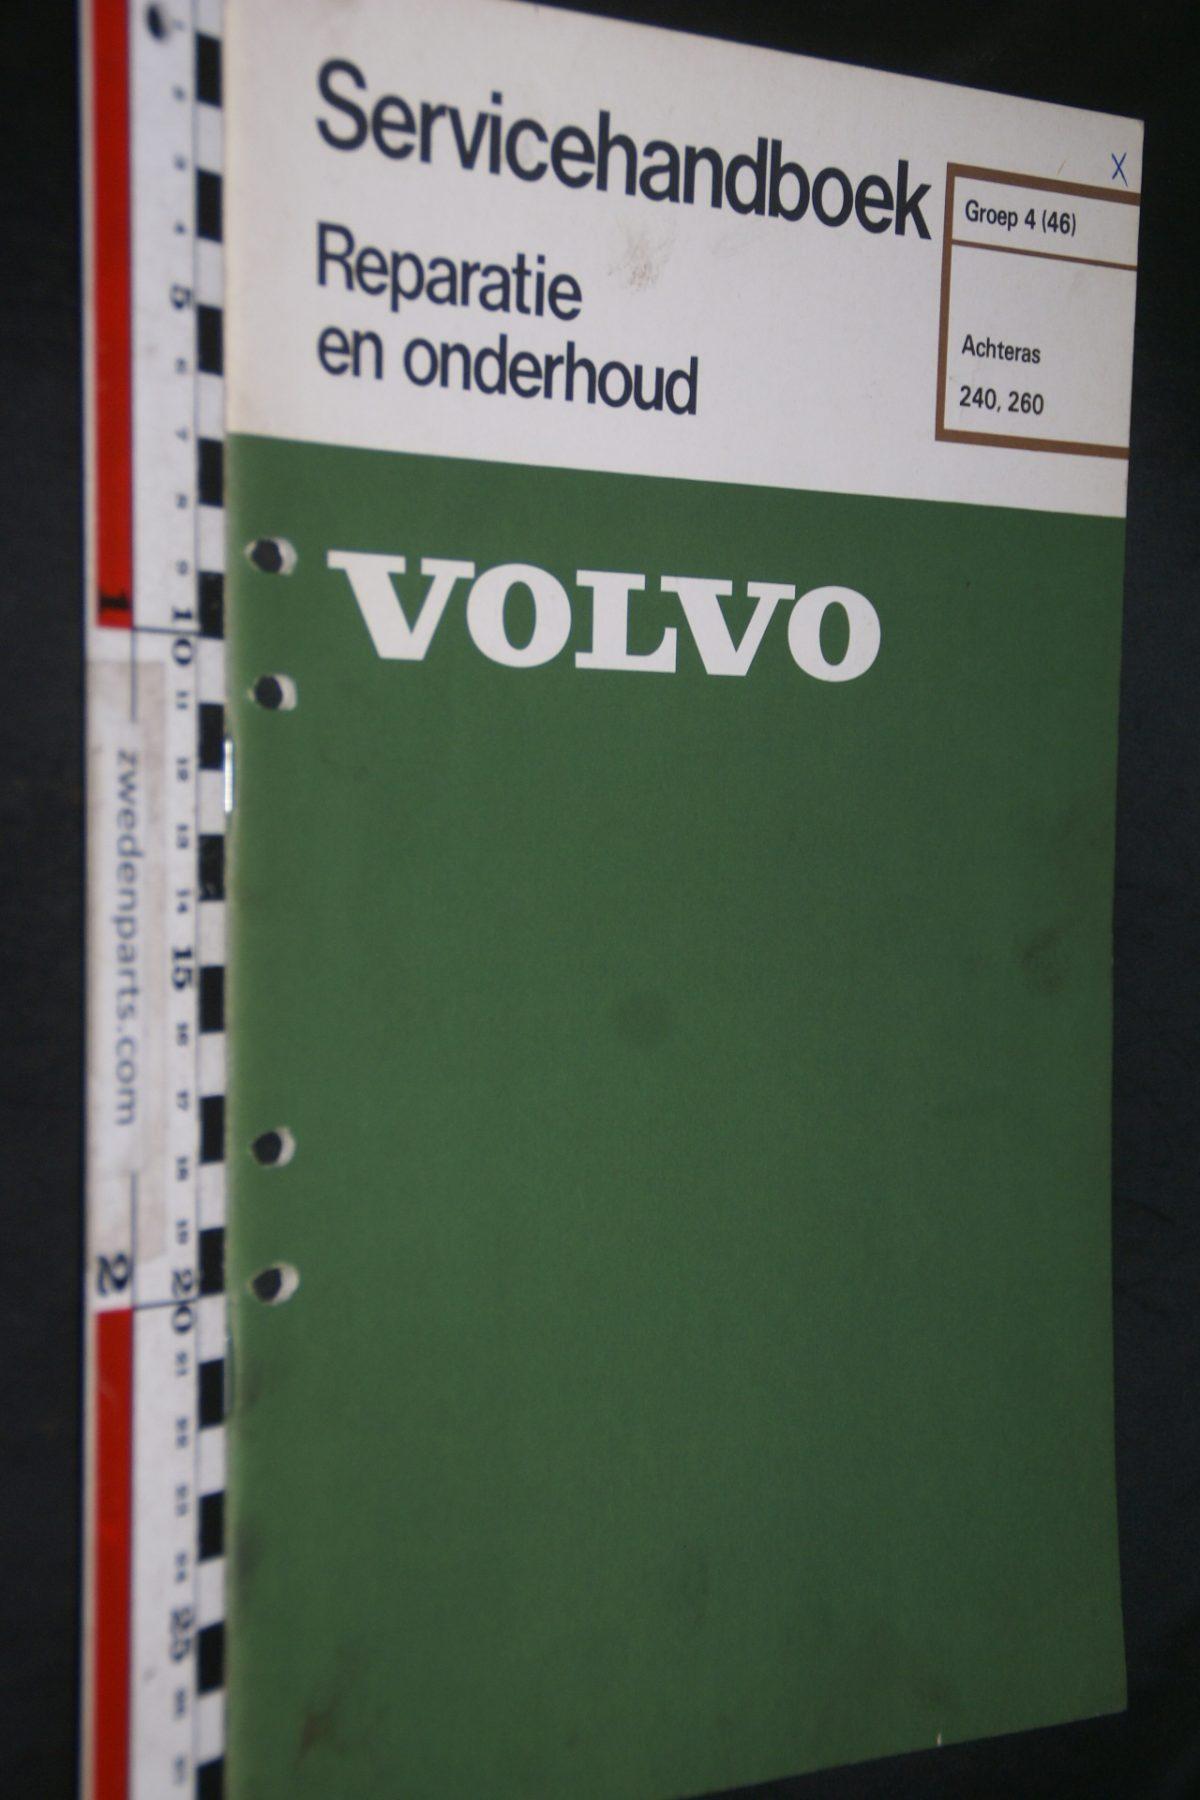 DSC06738 1977 origineel Volvo 240, 260 servicehandboek 4 (46) achteras 1 van 750 TP 11560-1